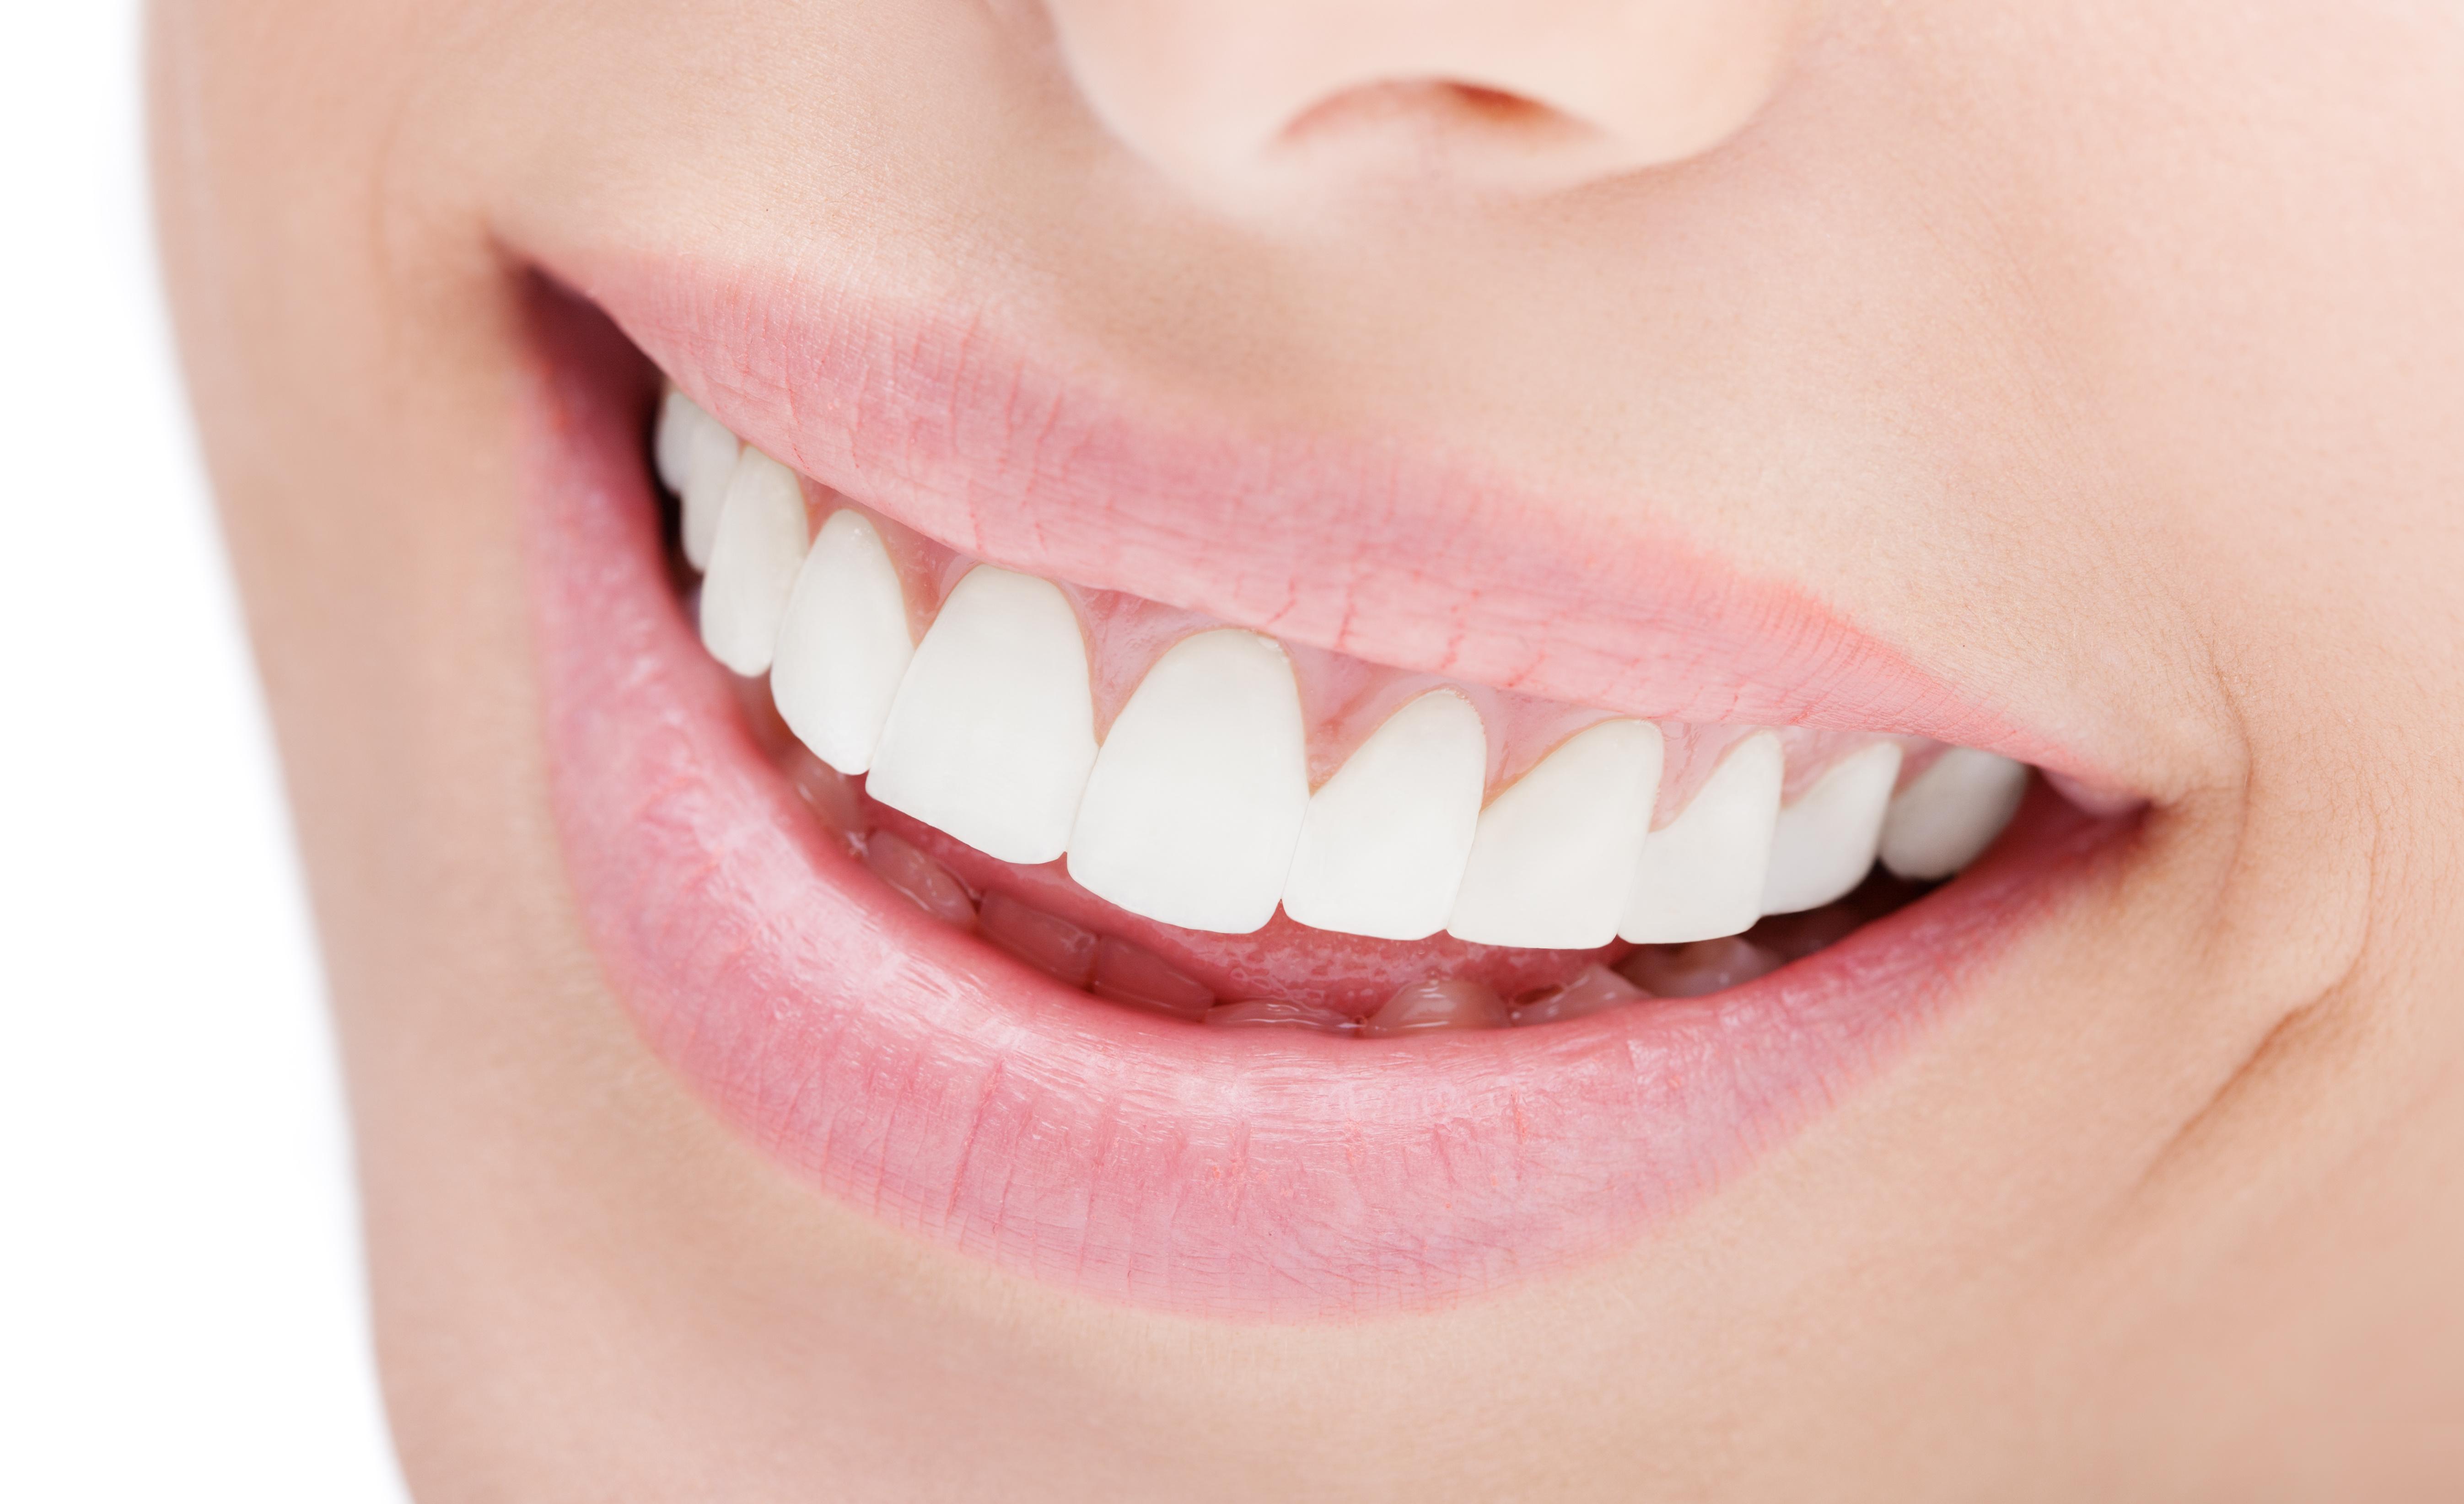 スマイルから診る審美歯科治療。前歯が長い、短いを改善するために知っておきたいこと